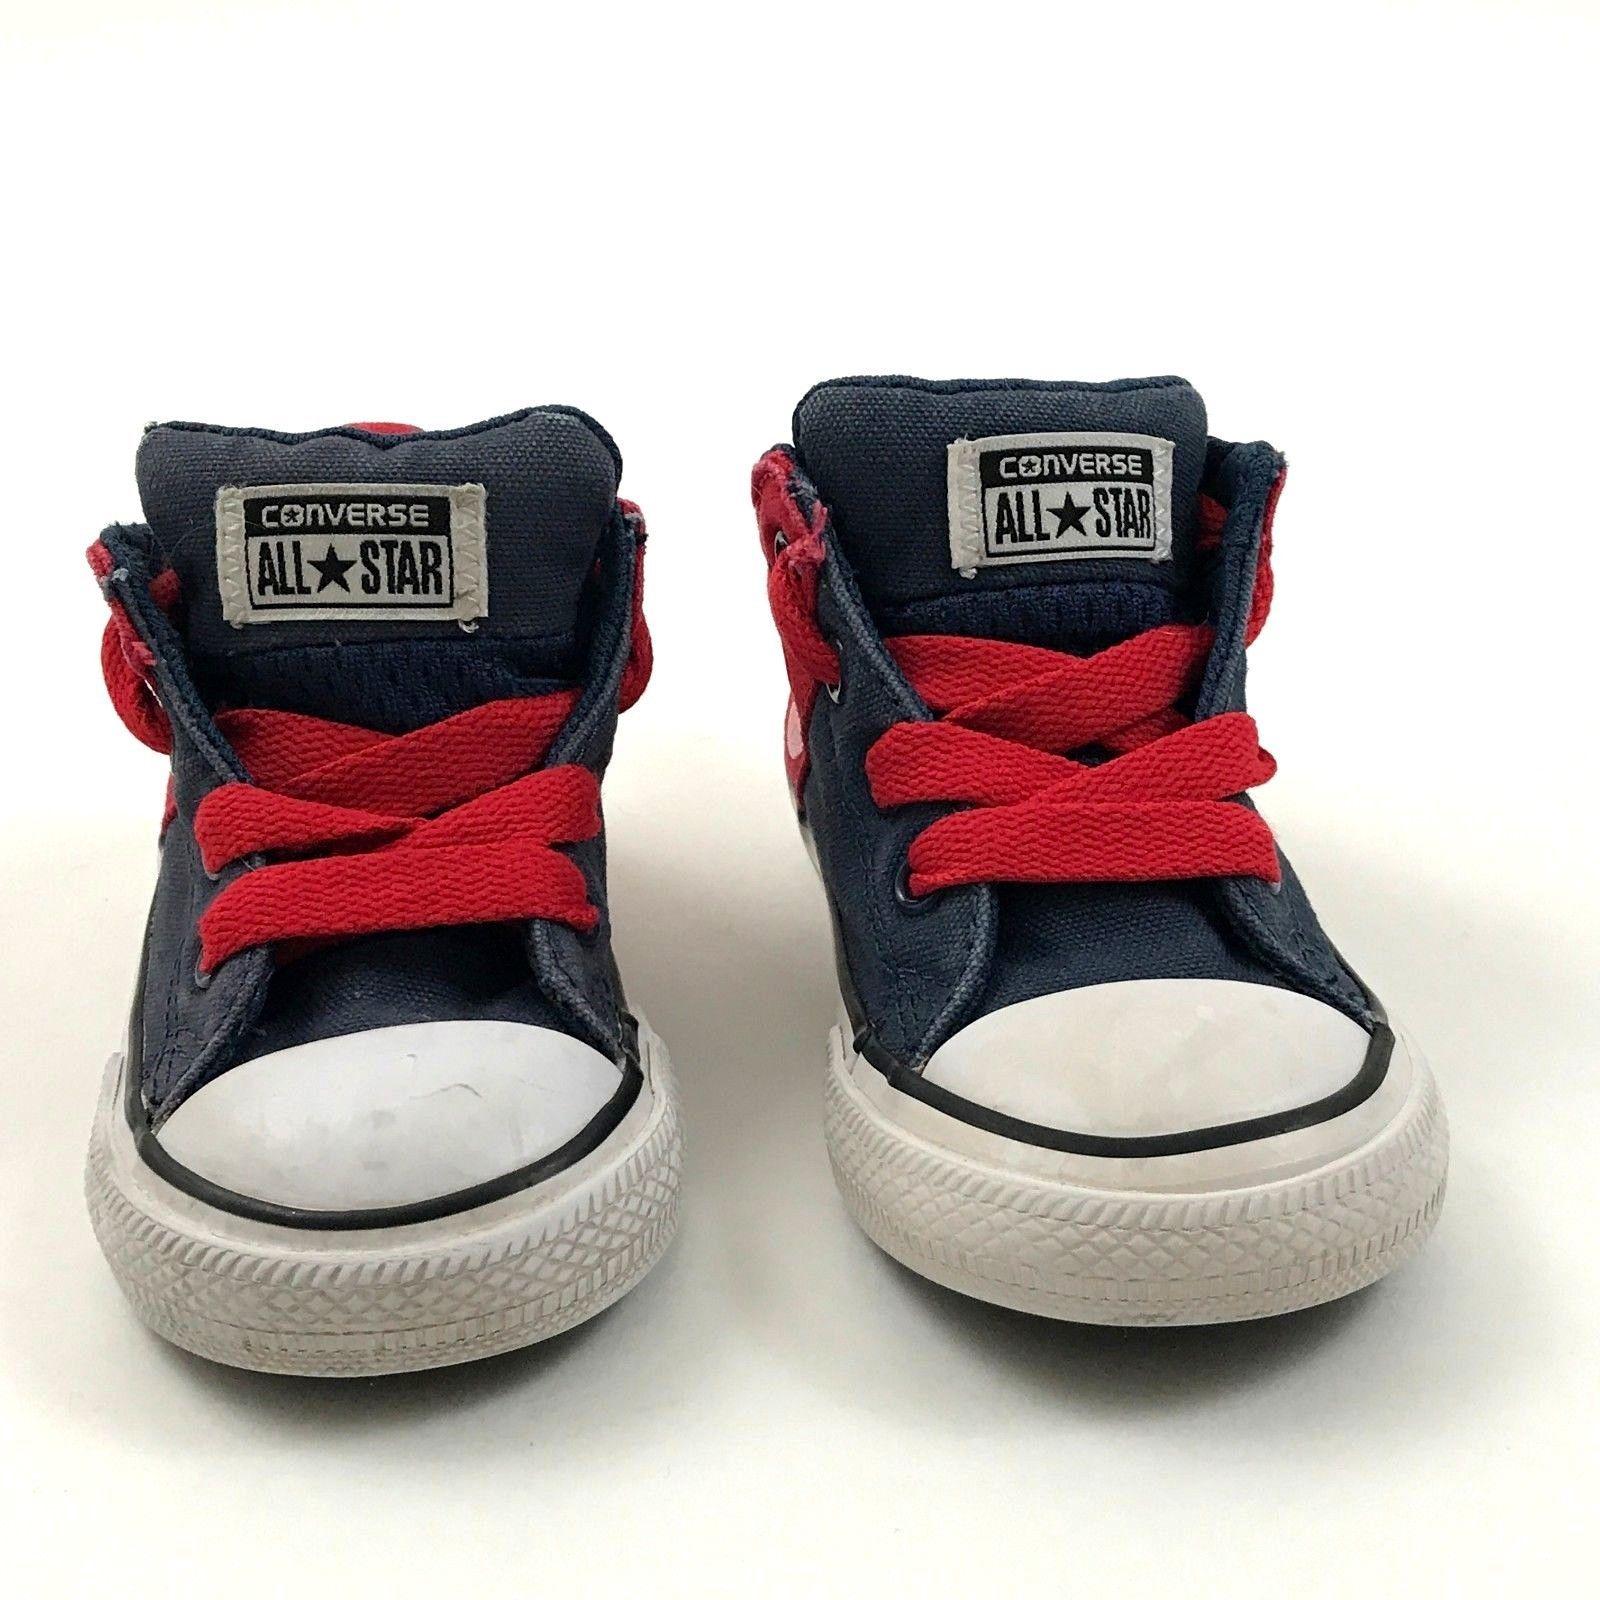 8402921ef31a Bambini Converse Chucks Misura 5 Scarpe per in Tela con Lacci Taylor All  Star -  15.04